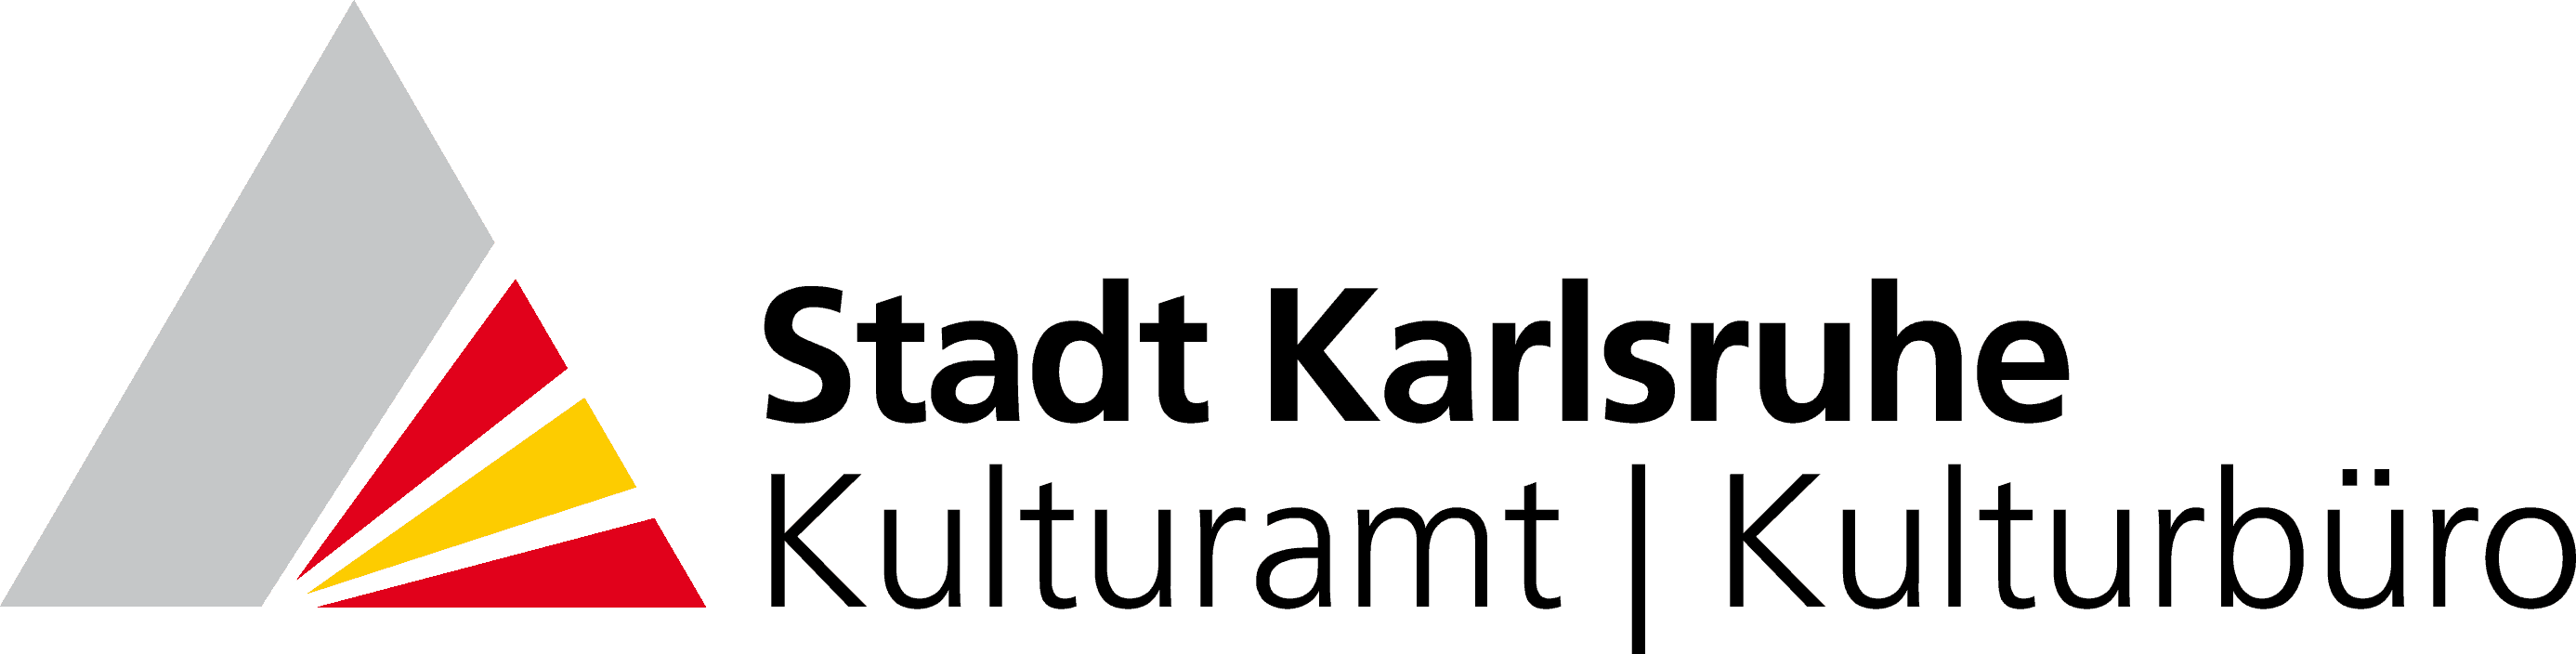 Logo_Stadt Karlsruhe_Kulturamt_Kulturbüro-transparent